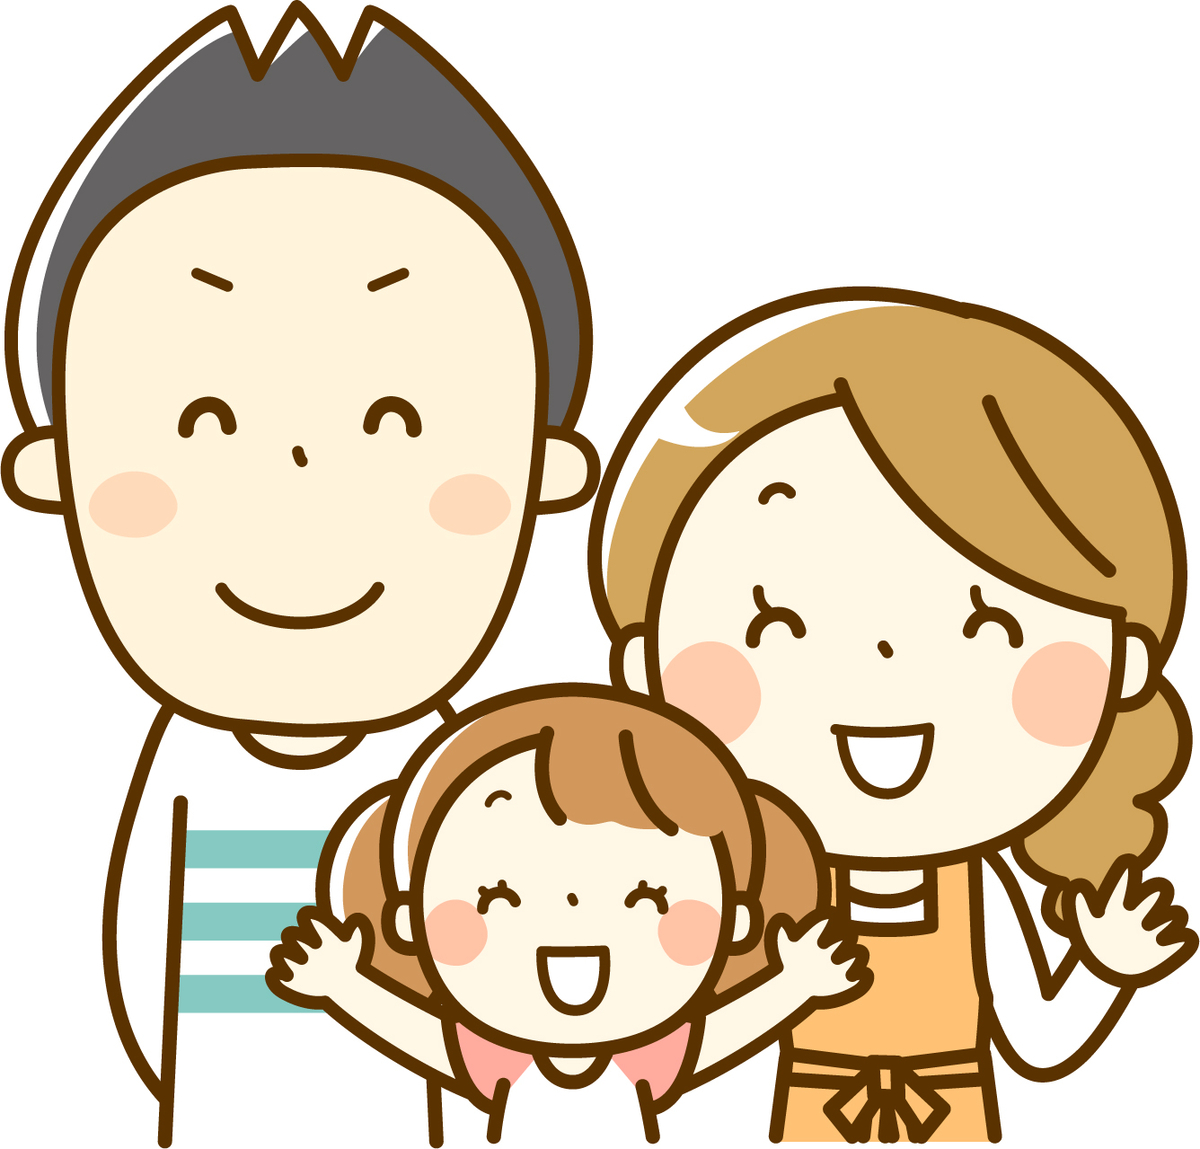 両親、娘の3人とも笑顔のイラスト